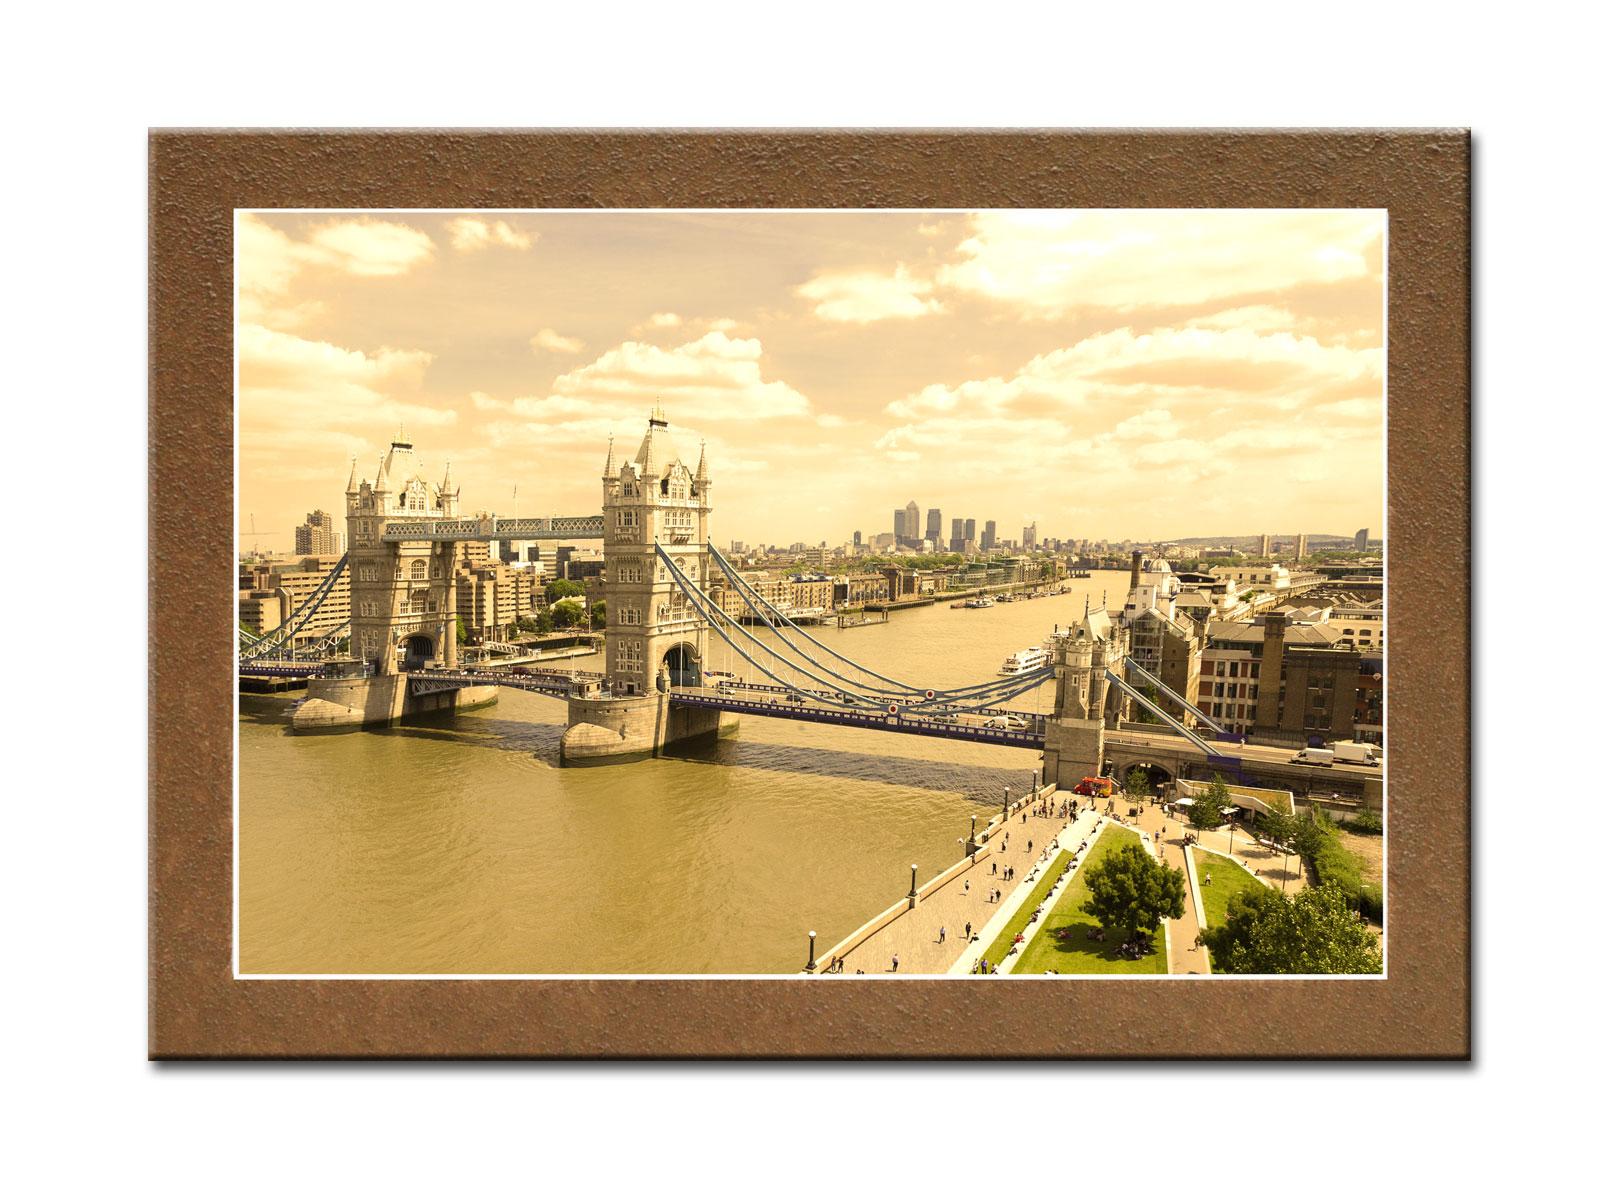 Картина Лондонский мостКартины<br>Картина из серии &amp;quot;Города&amp;quot;.&amp;amp;nbsp;&amp;lt;div&amp;gt;&amp;lt;br&amp;gt;&amp;lt;/div&amp;gt;&amp;lt;div&amp;gt;Натуральный холст, галерейный подрамник, по периметру картина декорирована фактурой песка.&amp;lt;/div&amp;gt;<br><br>Material: Дерево<br>Width см: 70<br>Depth см: 3<br>Height см: 50